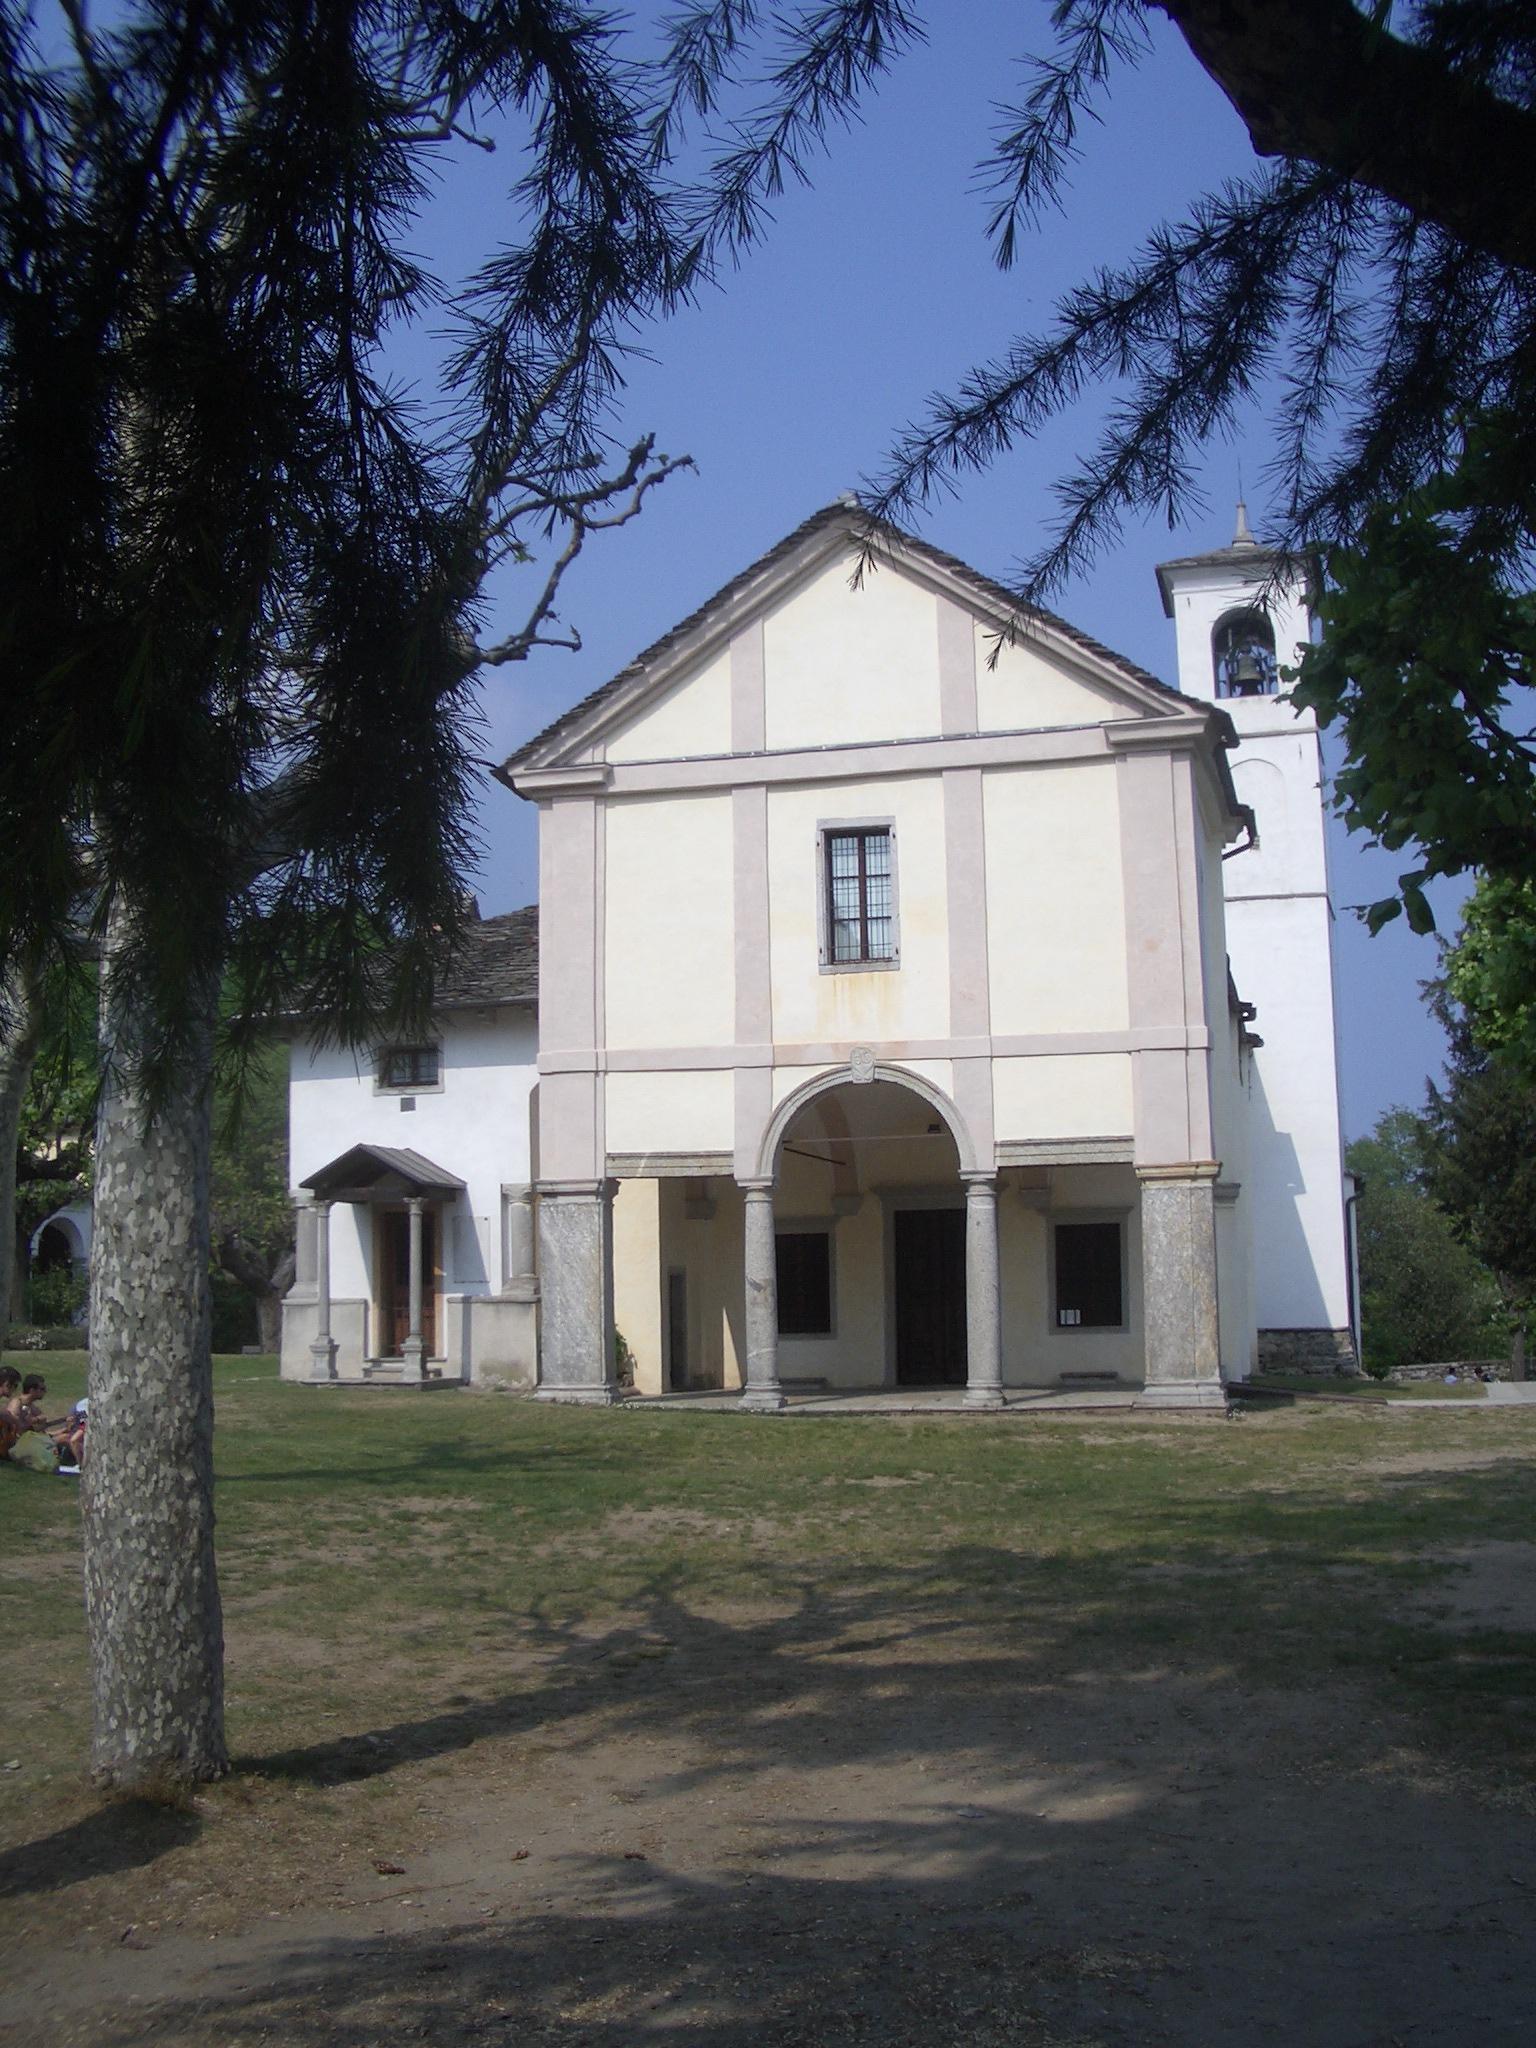 Ghiffa Italy  City pictures : Sacro Monte Ghiffa Santuario Trinità Wikipedia